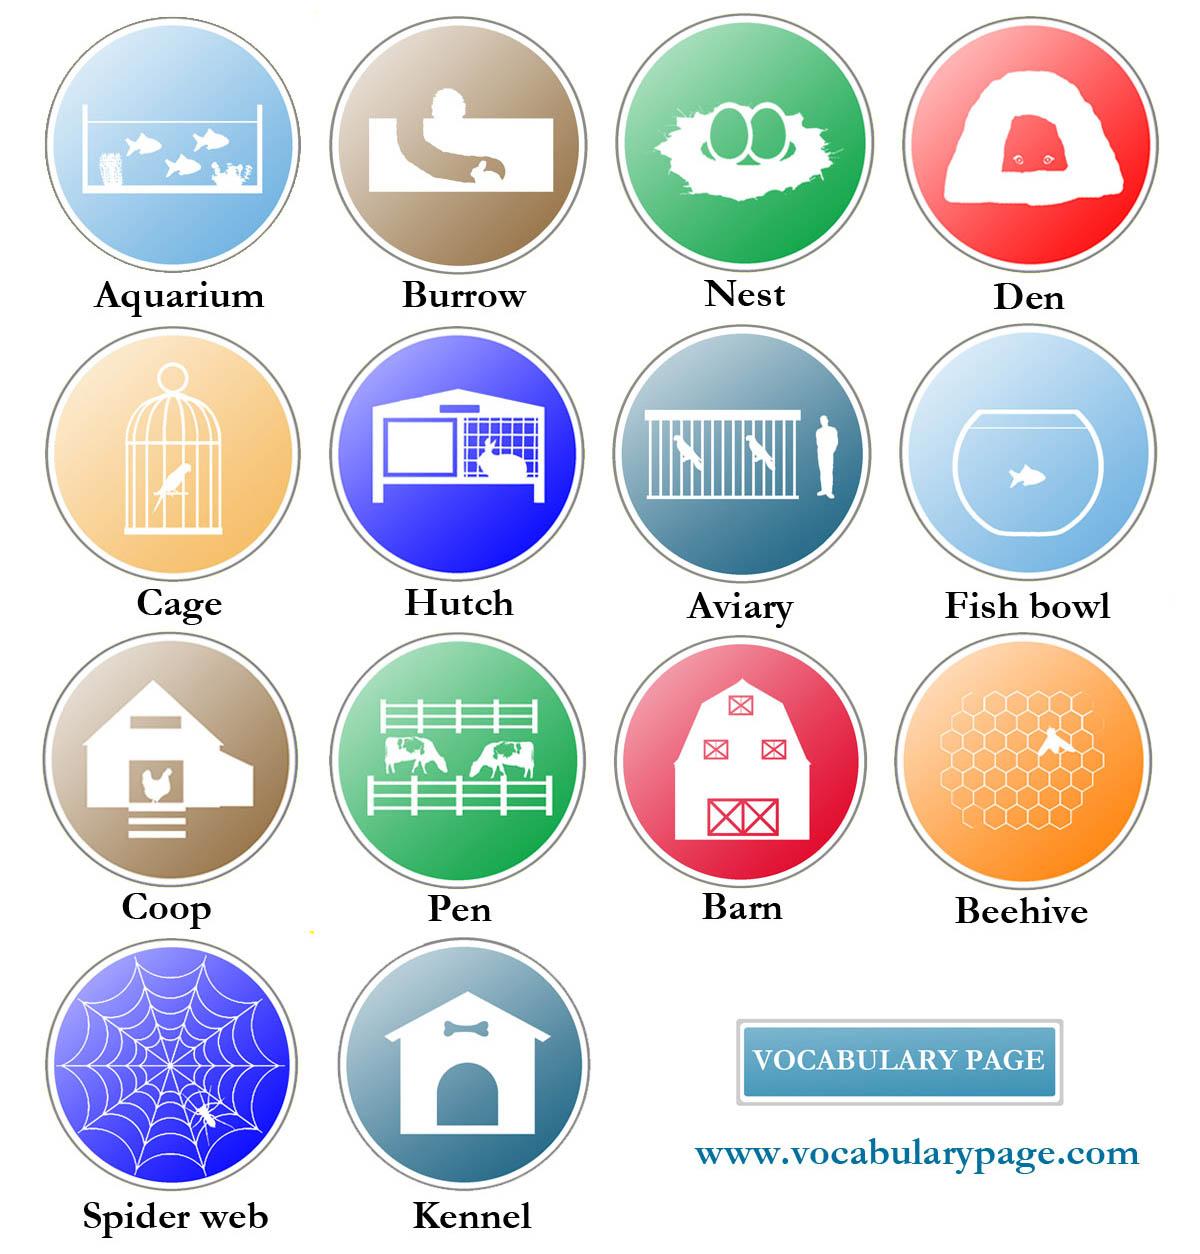 Vocabularypage Animal Homes